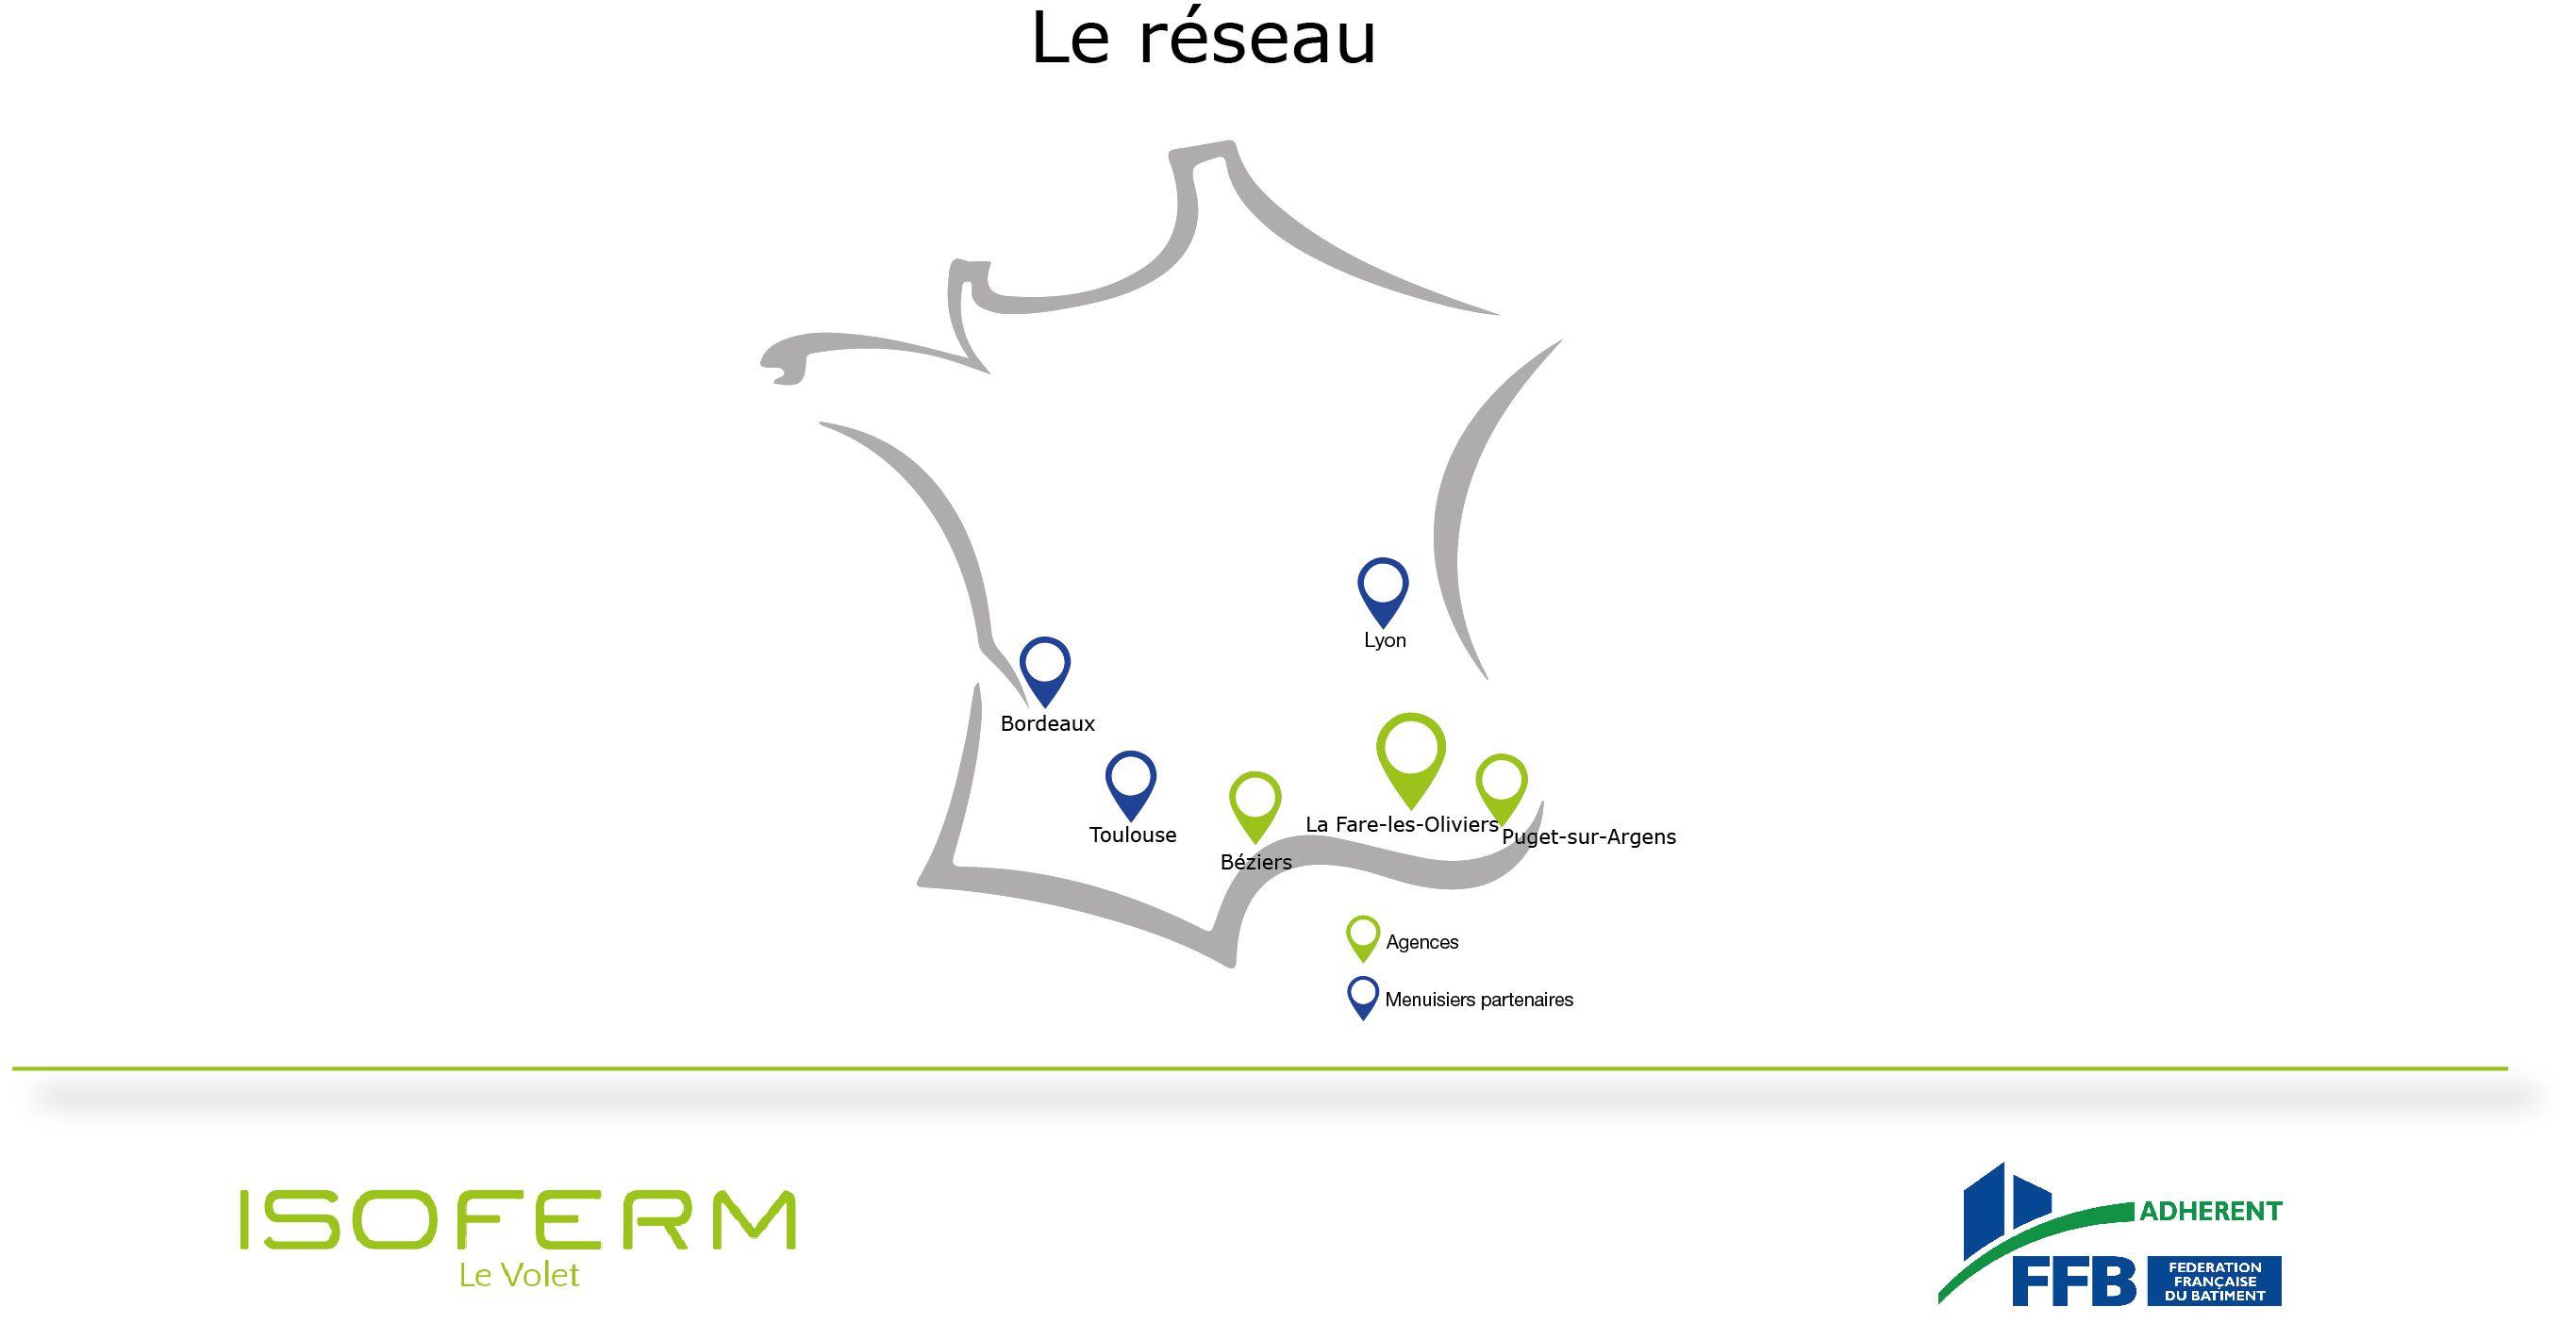 Carte réseau intervention isoferm